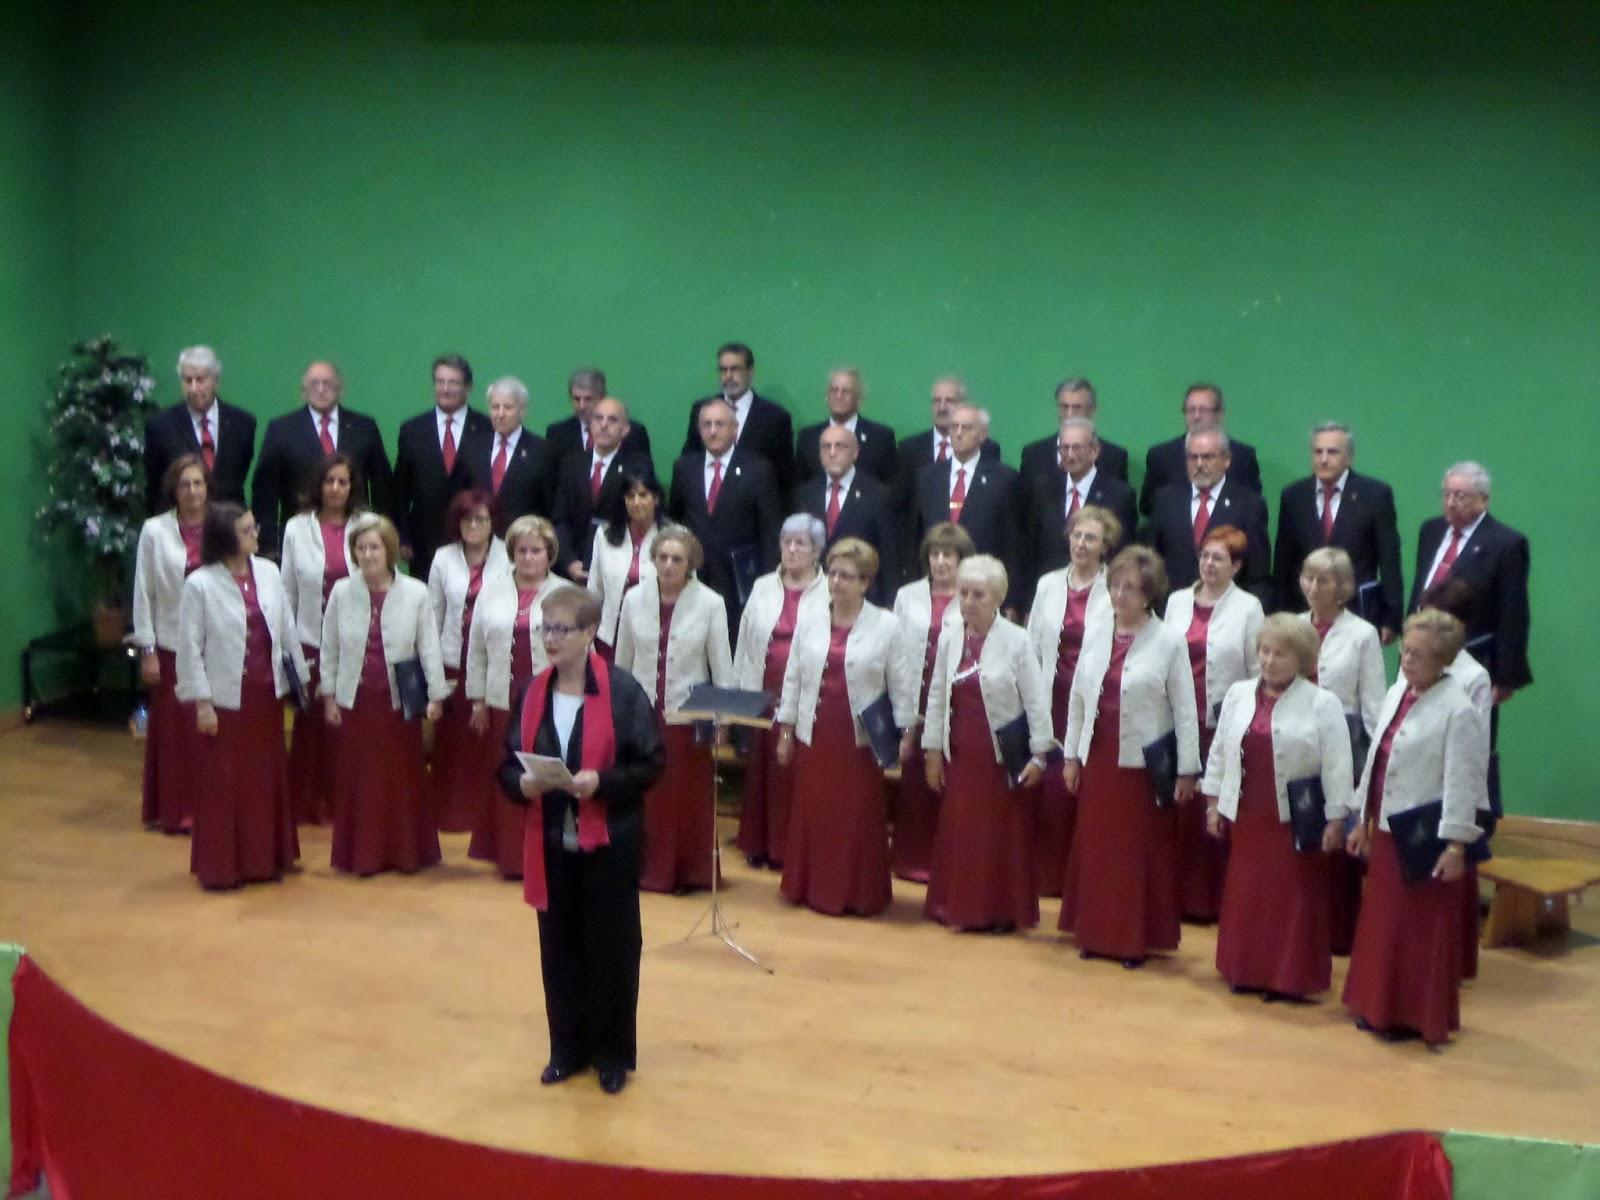 10º Aniversario del Coro Rubagón. Coro Matices